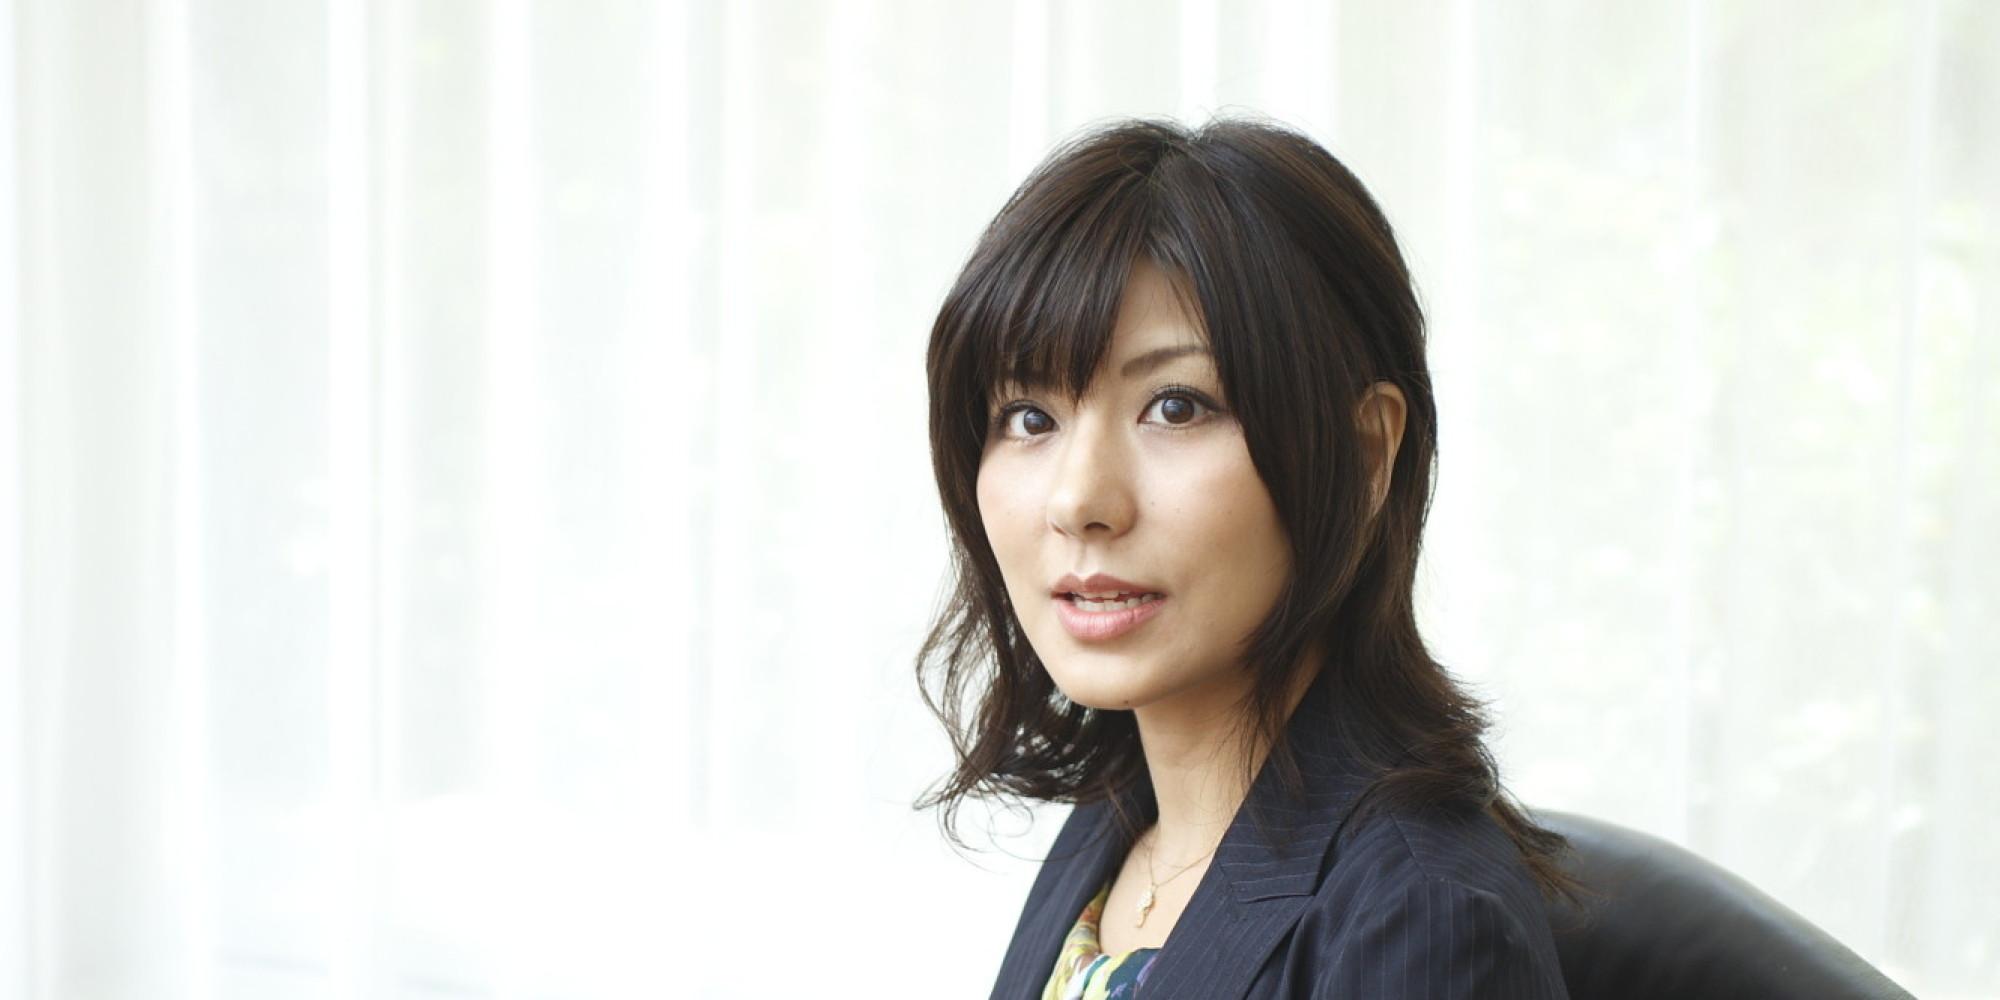 「19時に帰ったら、全てが変わった」小室淑恵さんに聞くワーク ...